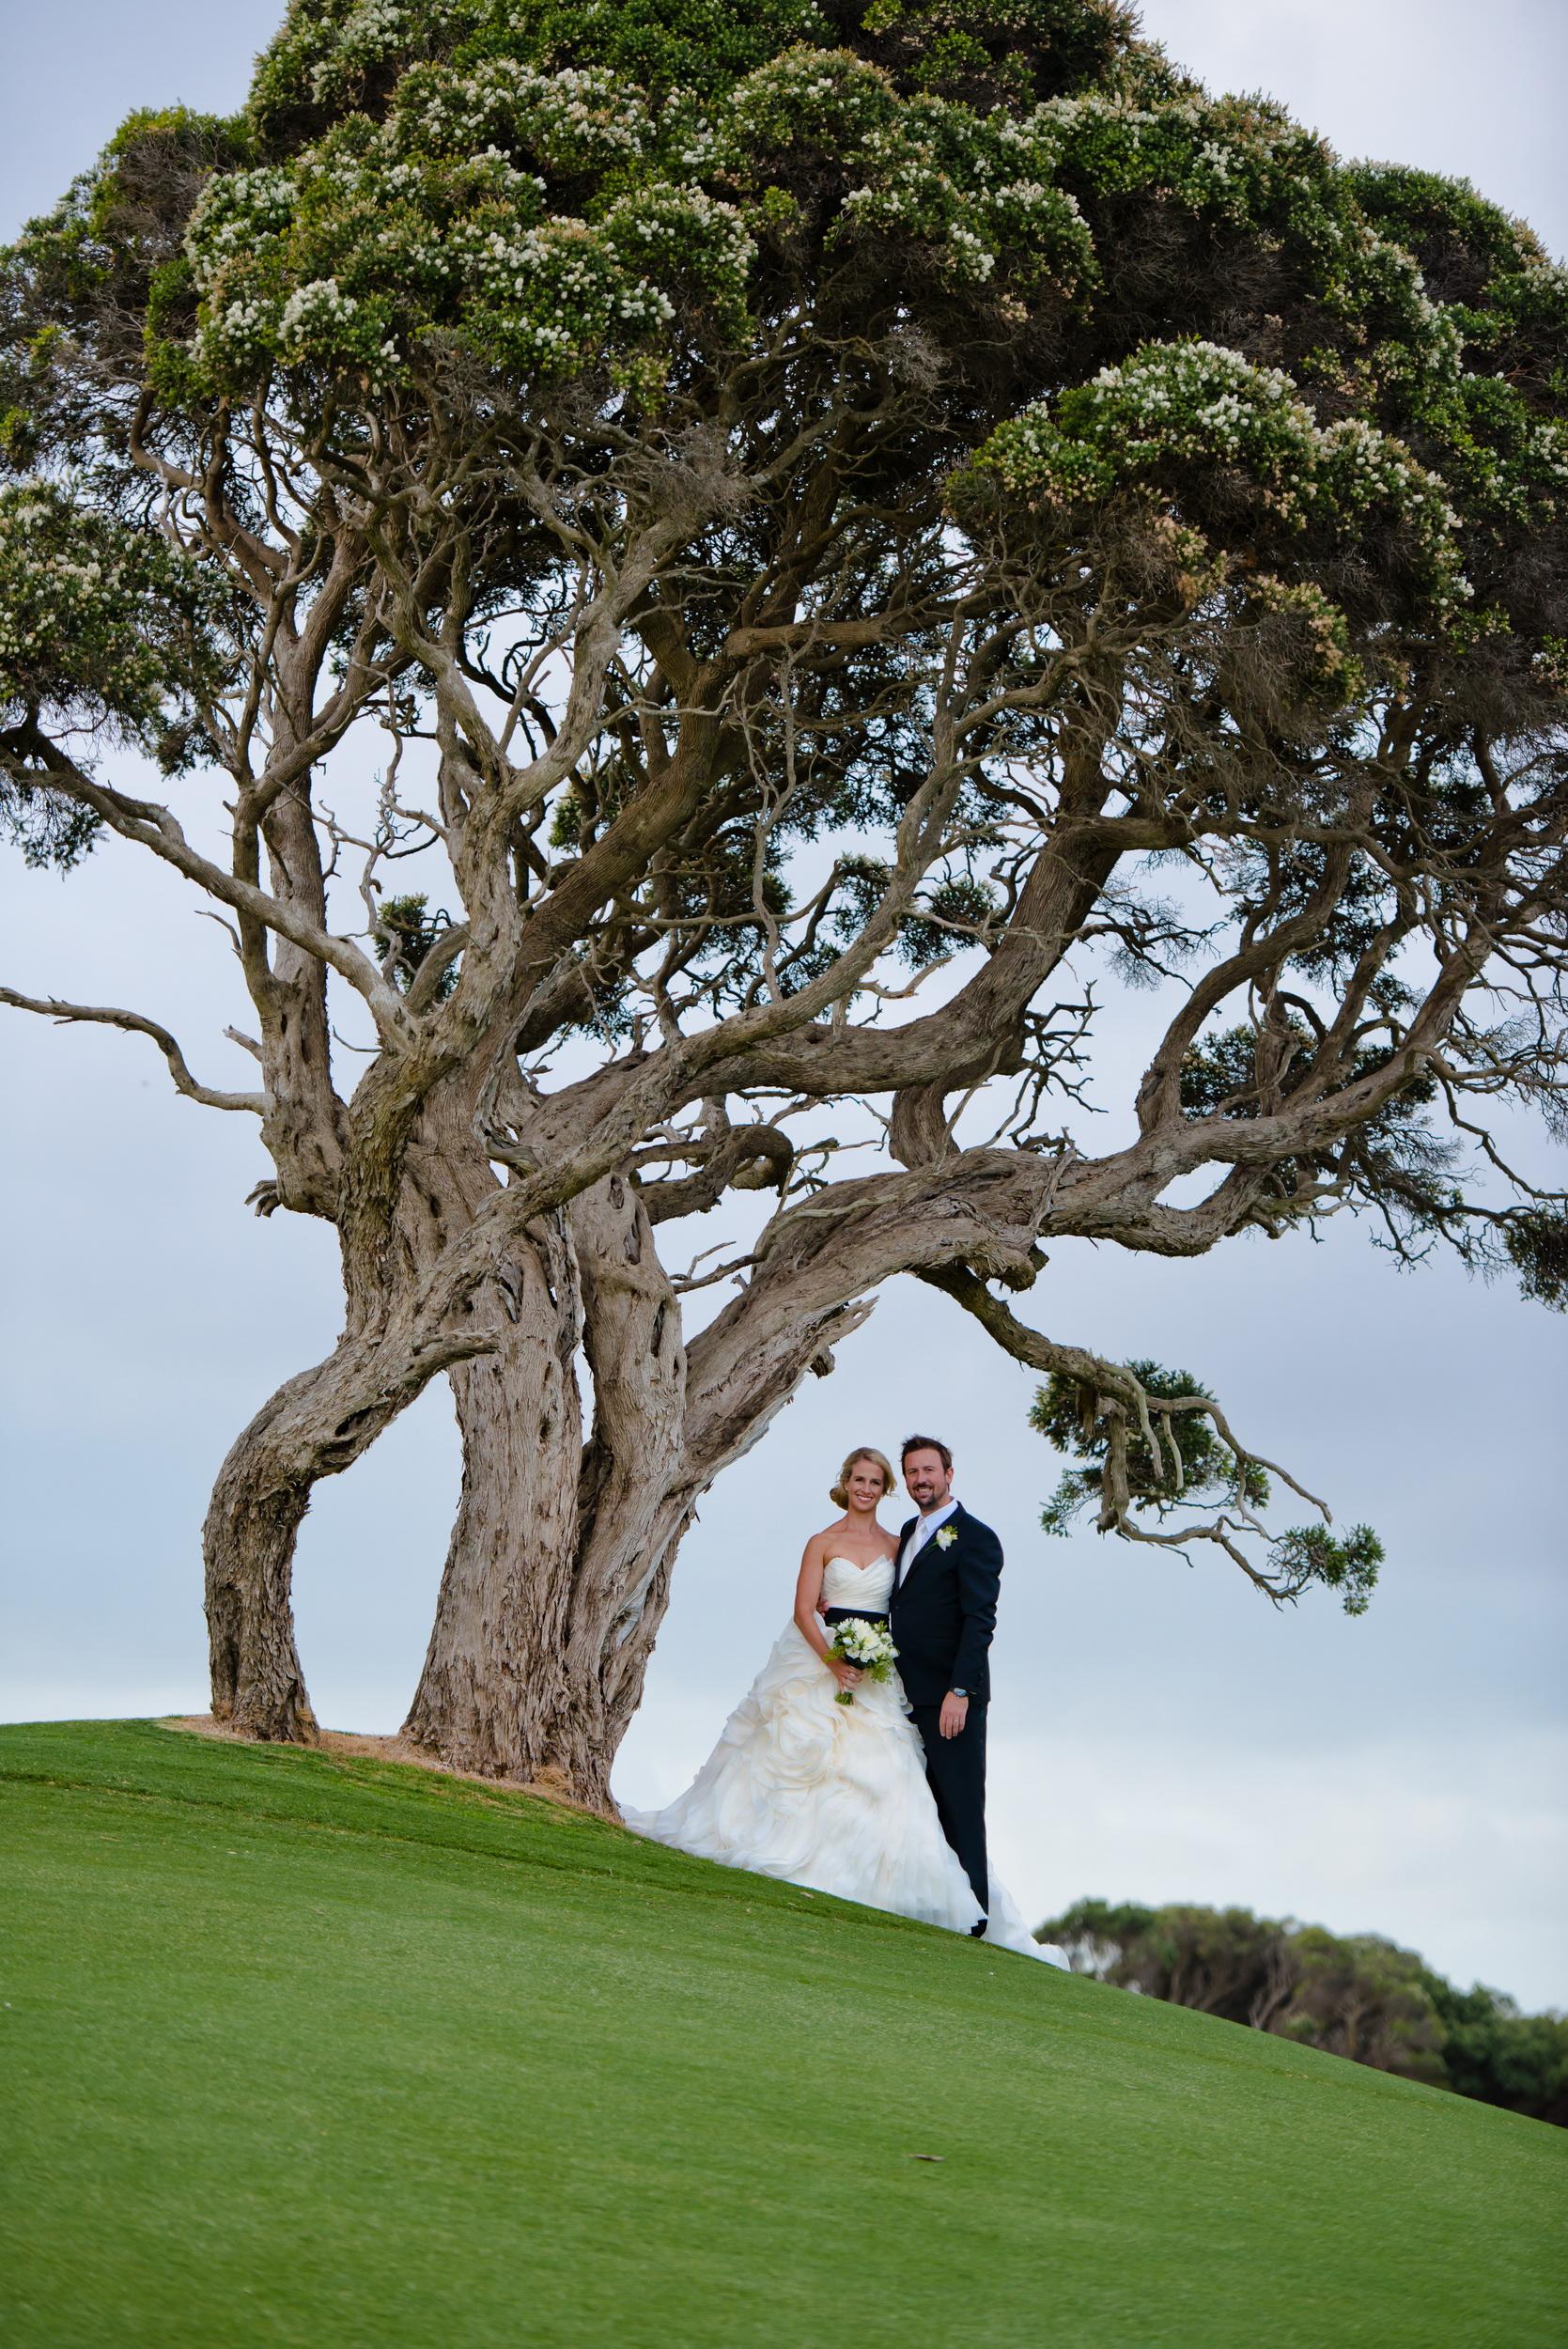 Cape shanck National golf course wedding